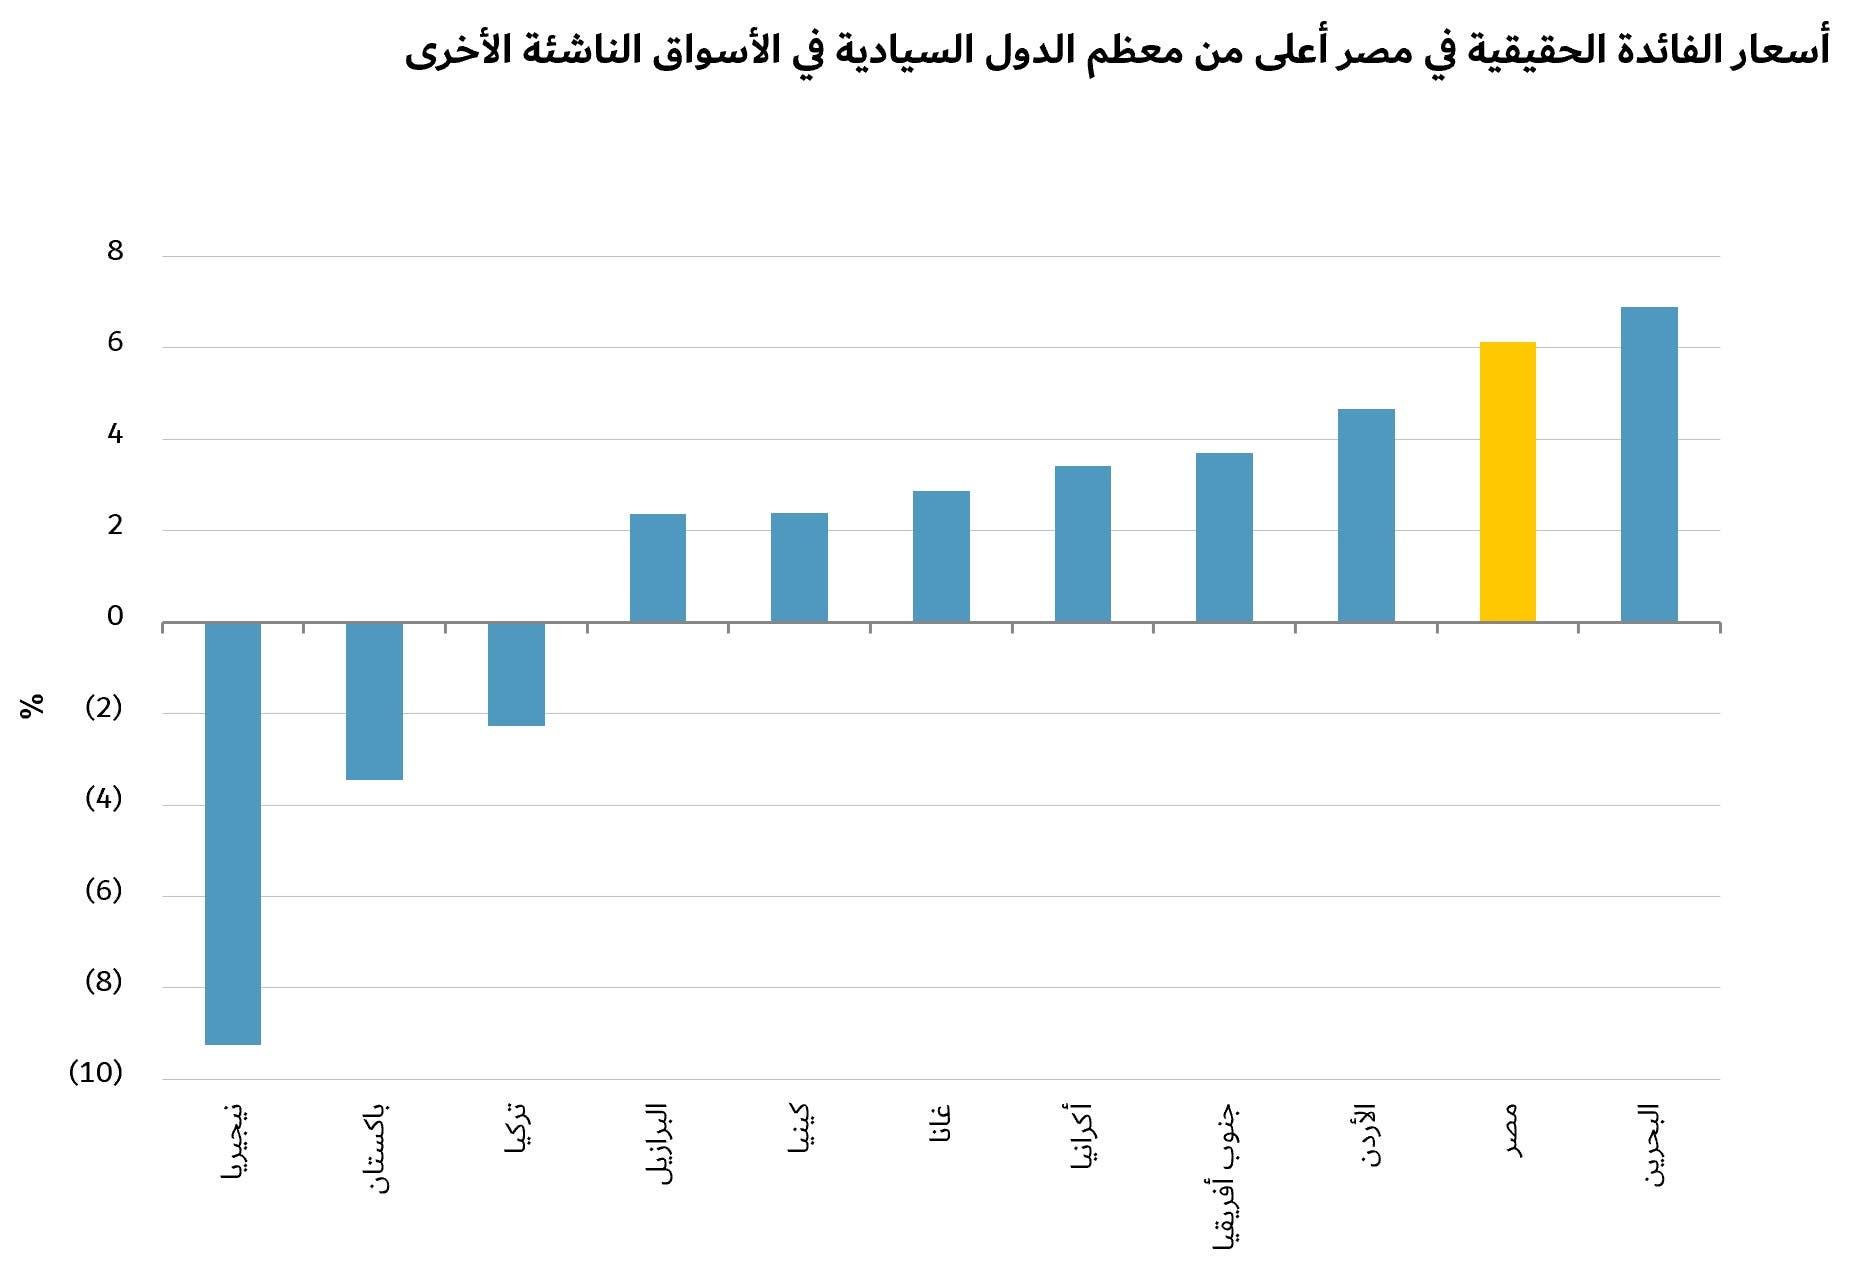 أسعار الفائدة الحقيقية في مصر